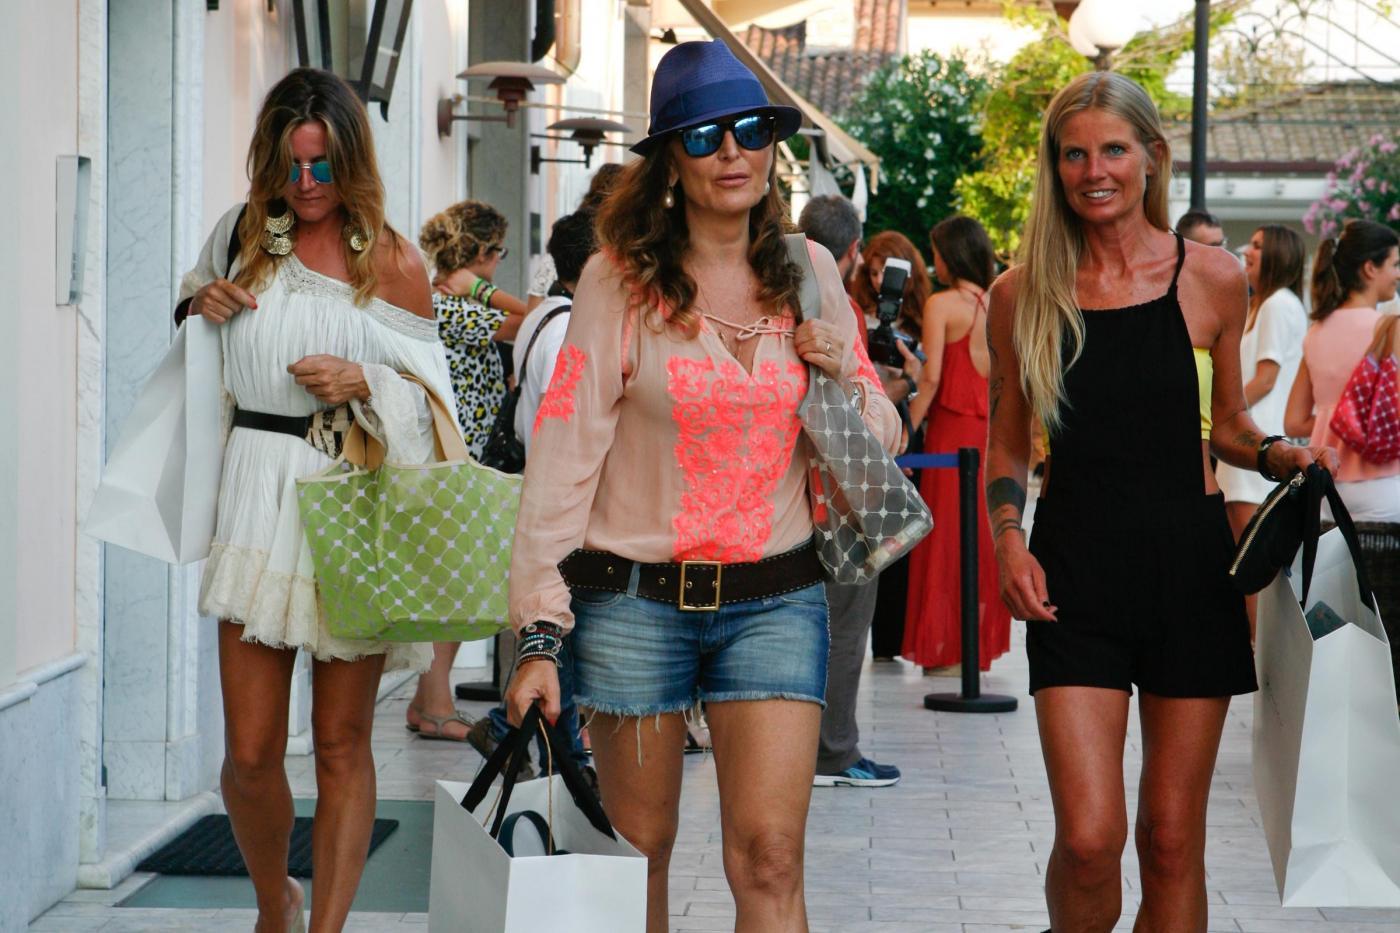 Daniela Santanché, in short di jeans al party: tutti i look della pitonessa06